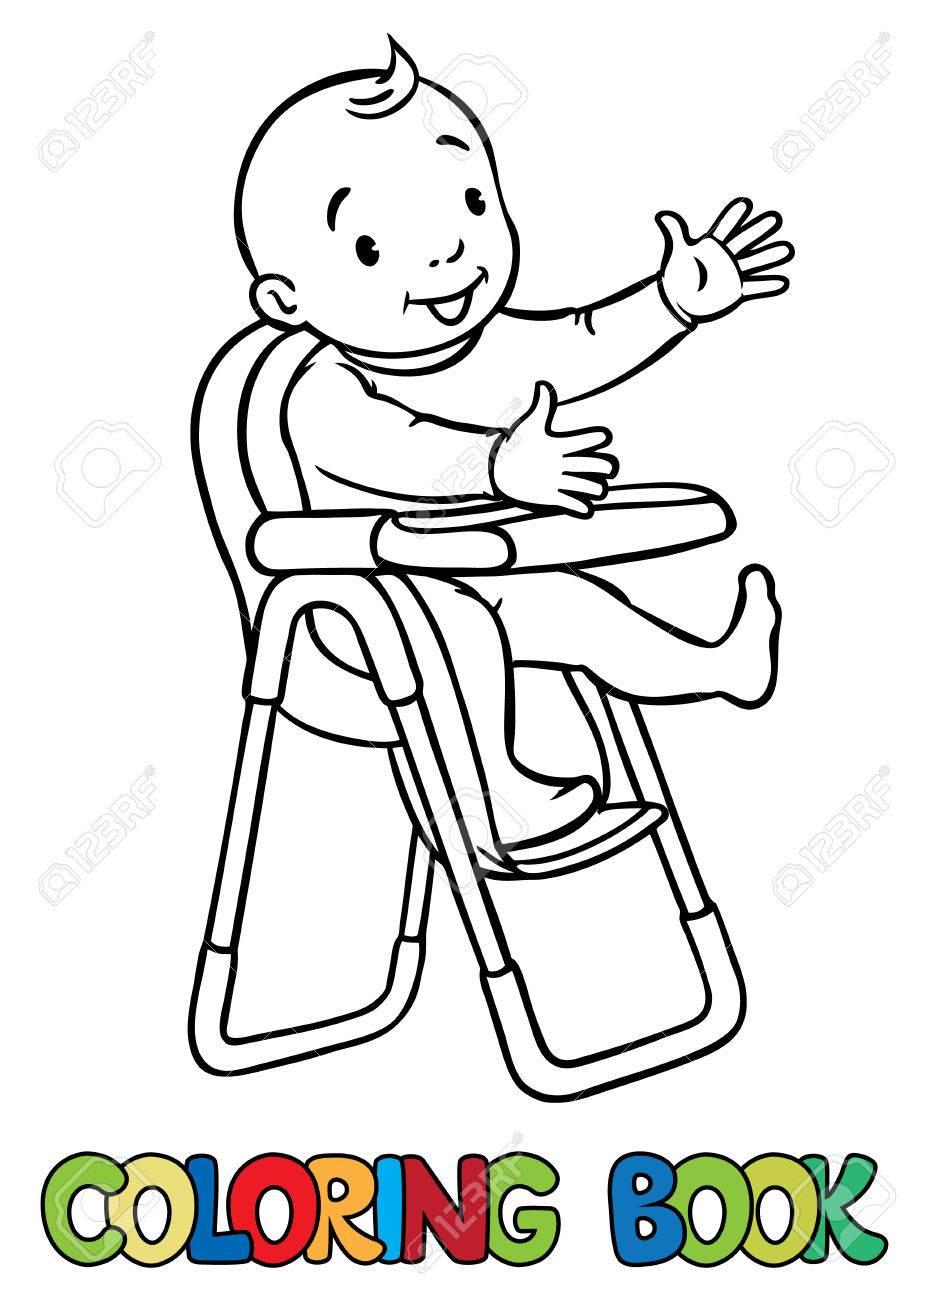 Garçon HauteEnfants Drôle Barboteuses Chaise Coloriage Vectorielle Sourire Ou Fille Dans En Livre Petit Illustration La Une De SMjGLVpqUz